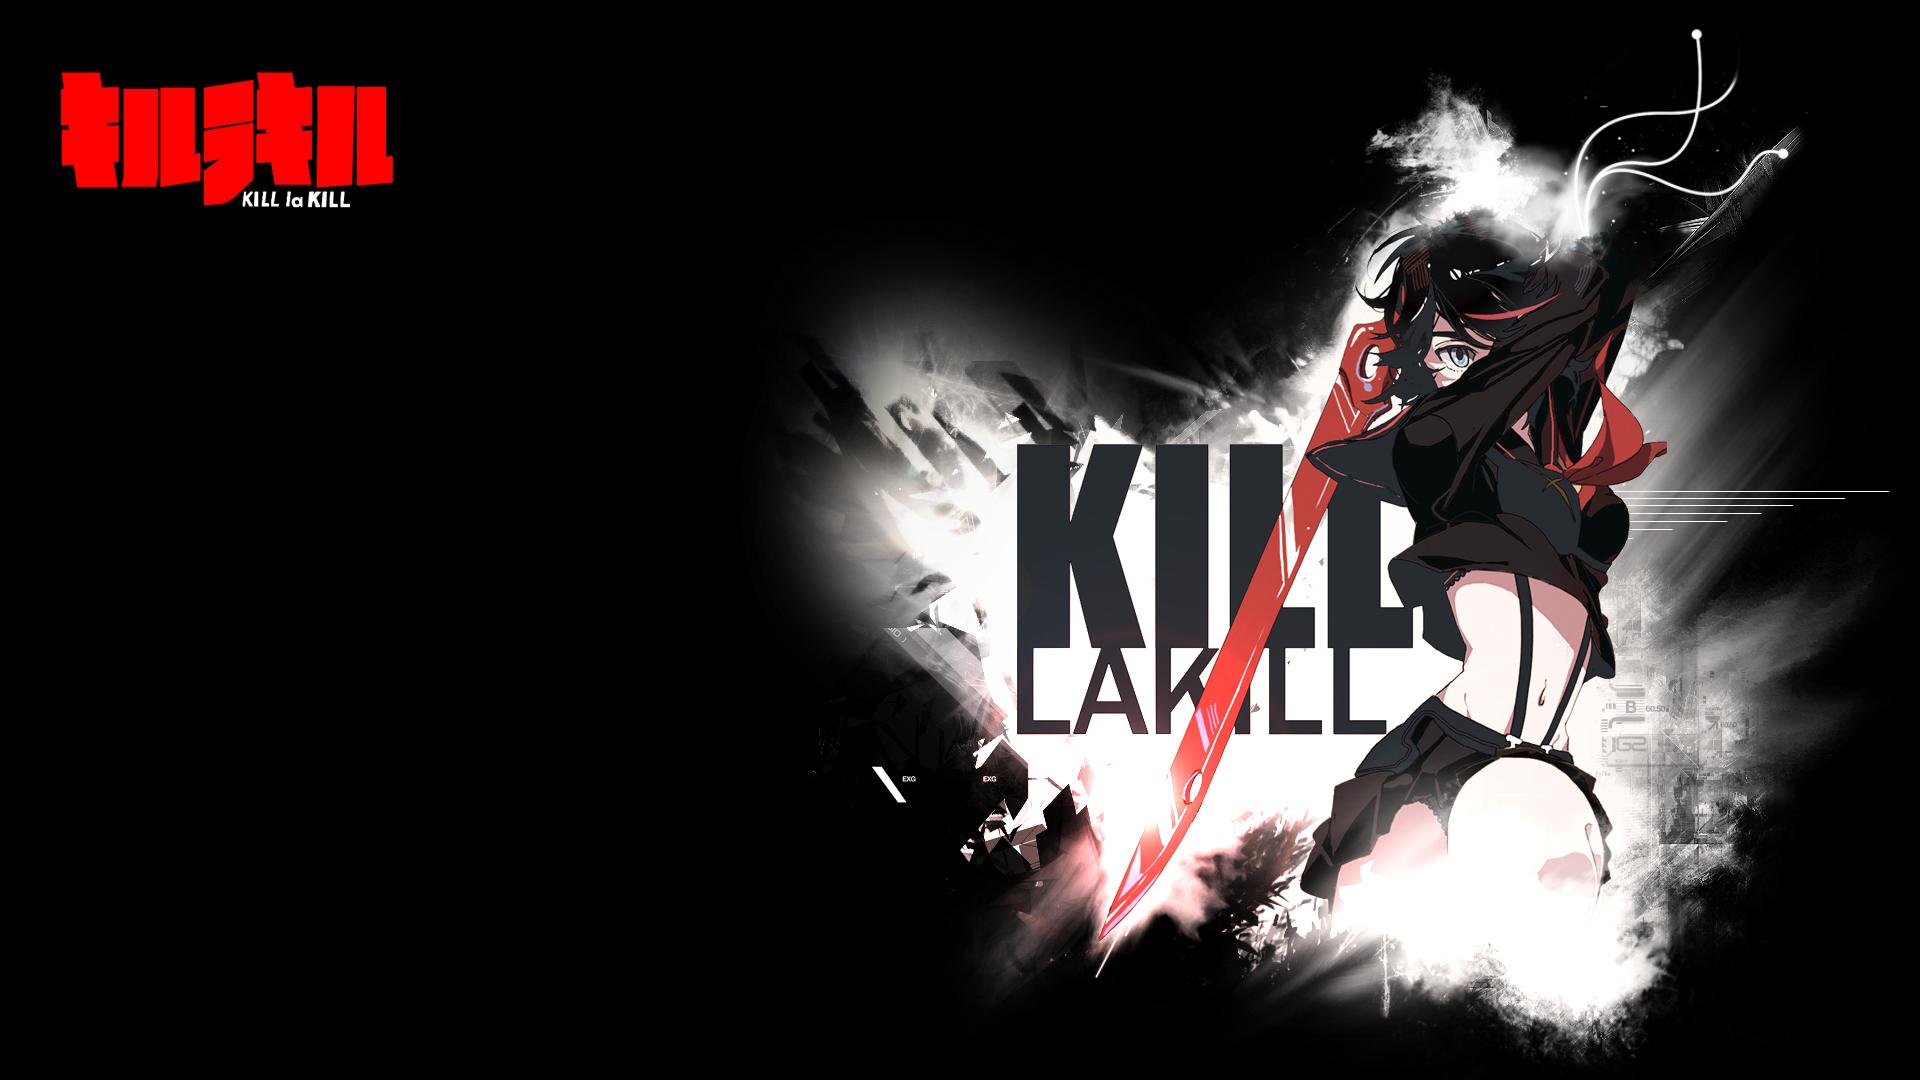 Kill La Kill 1920x1080 by Respectless 1920x1080